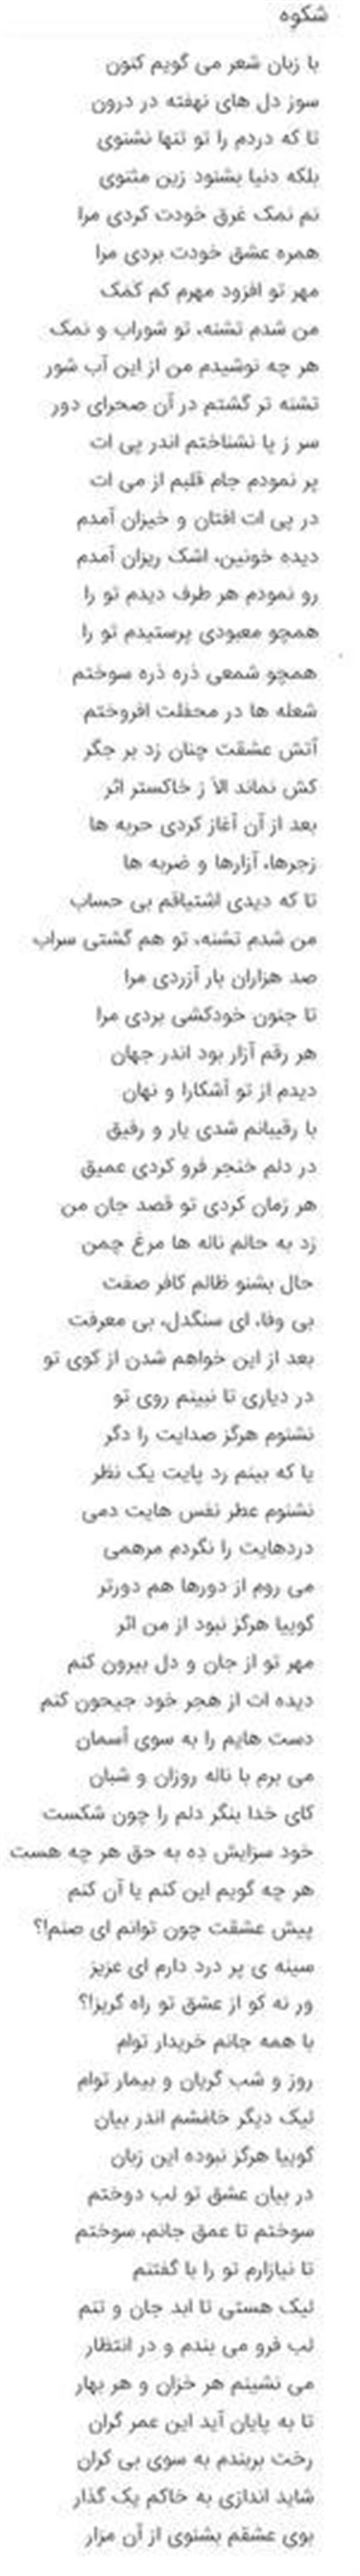 هنر شعر و داستان شعر فراق شهرام